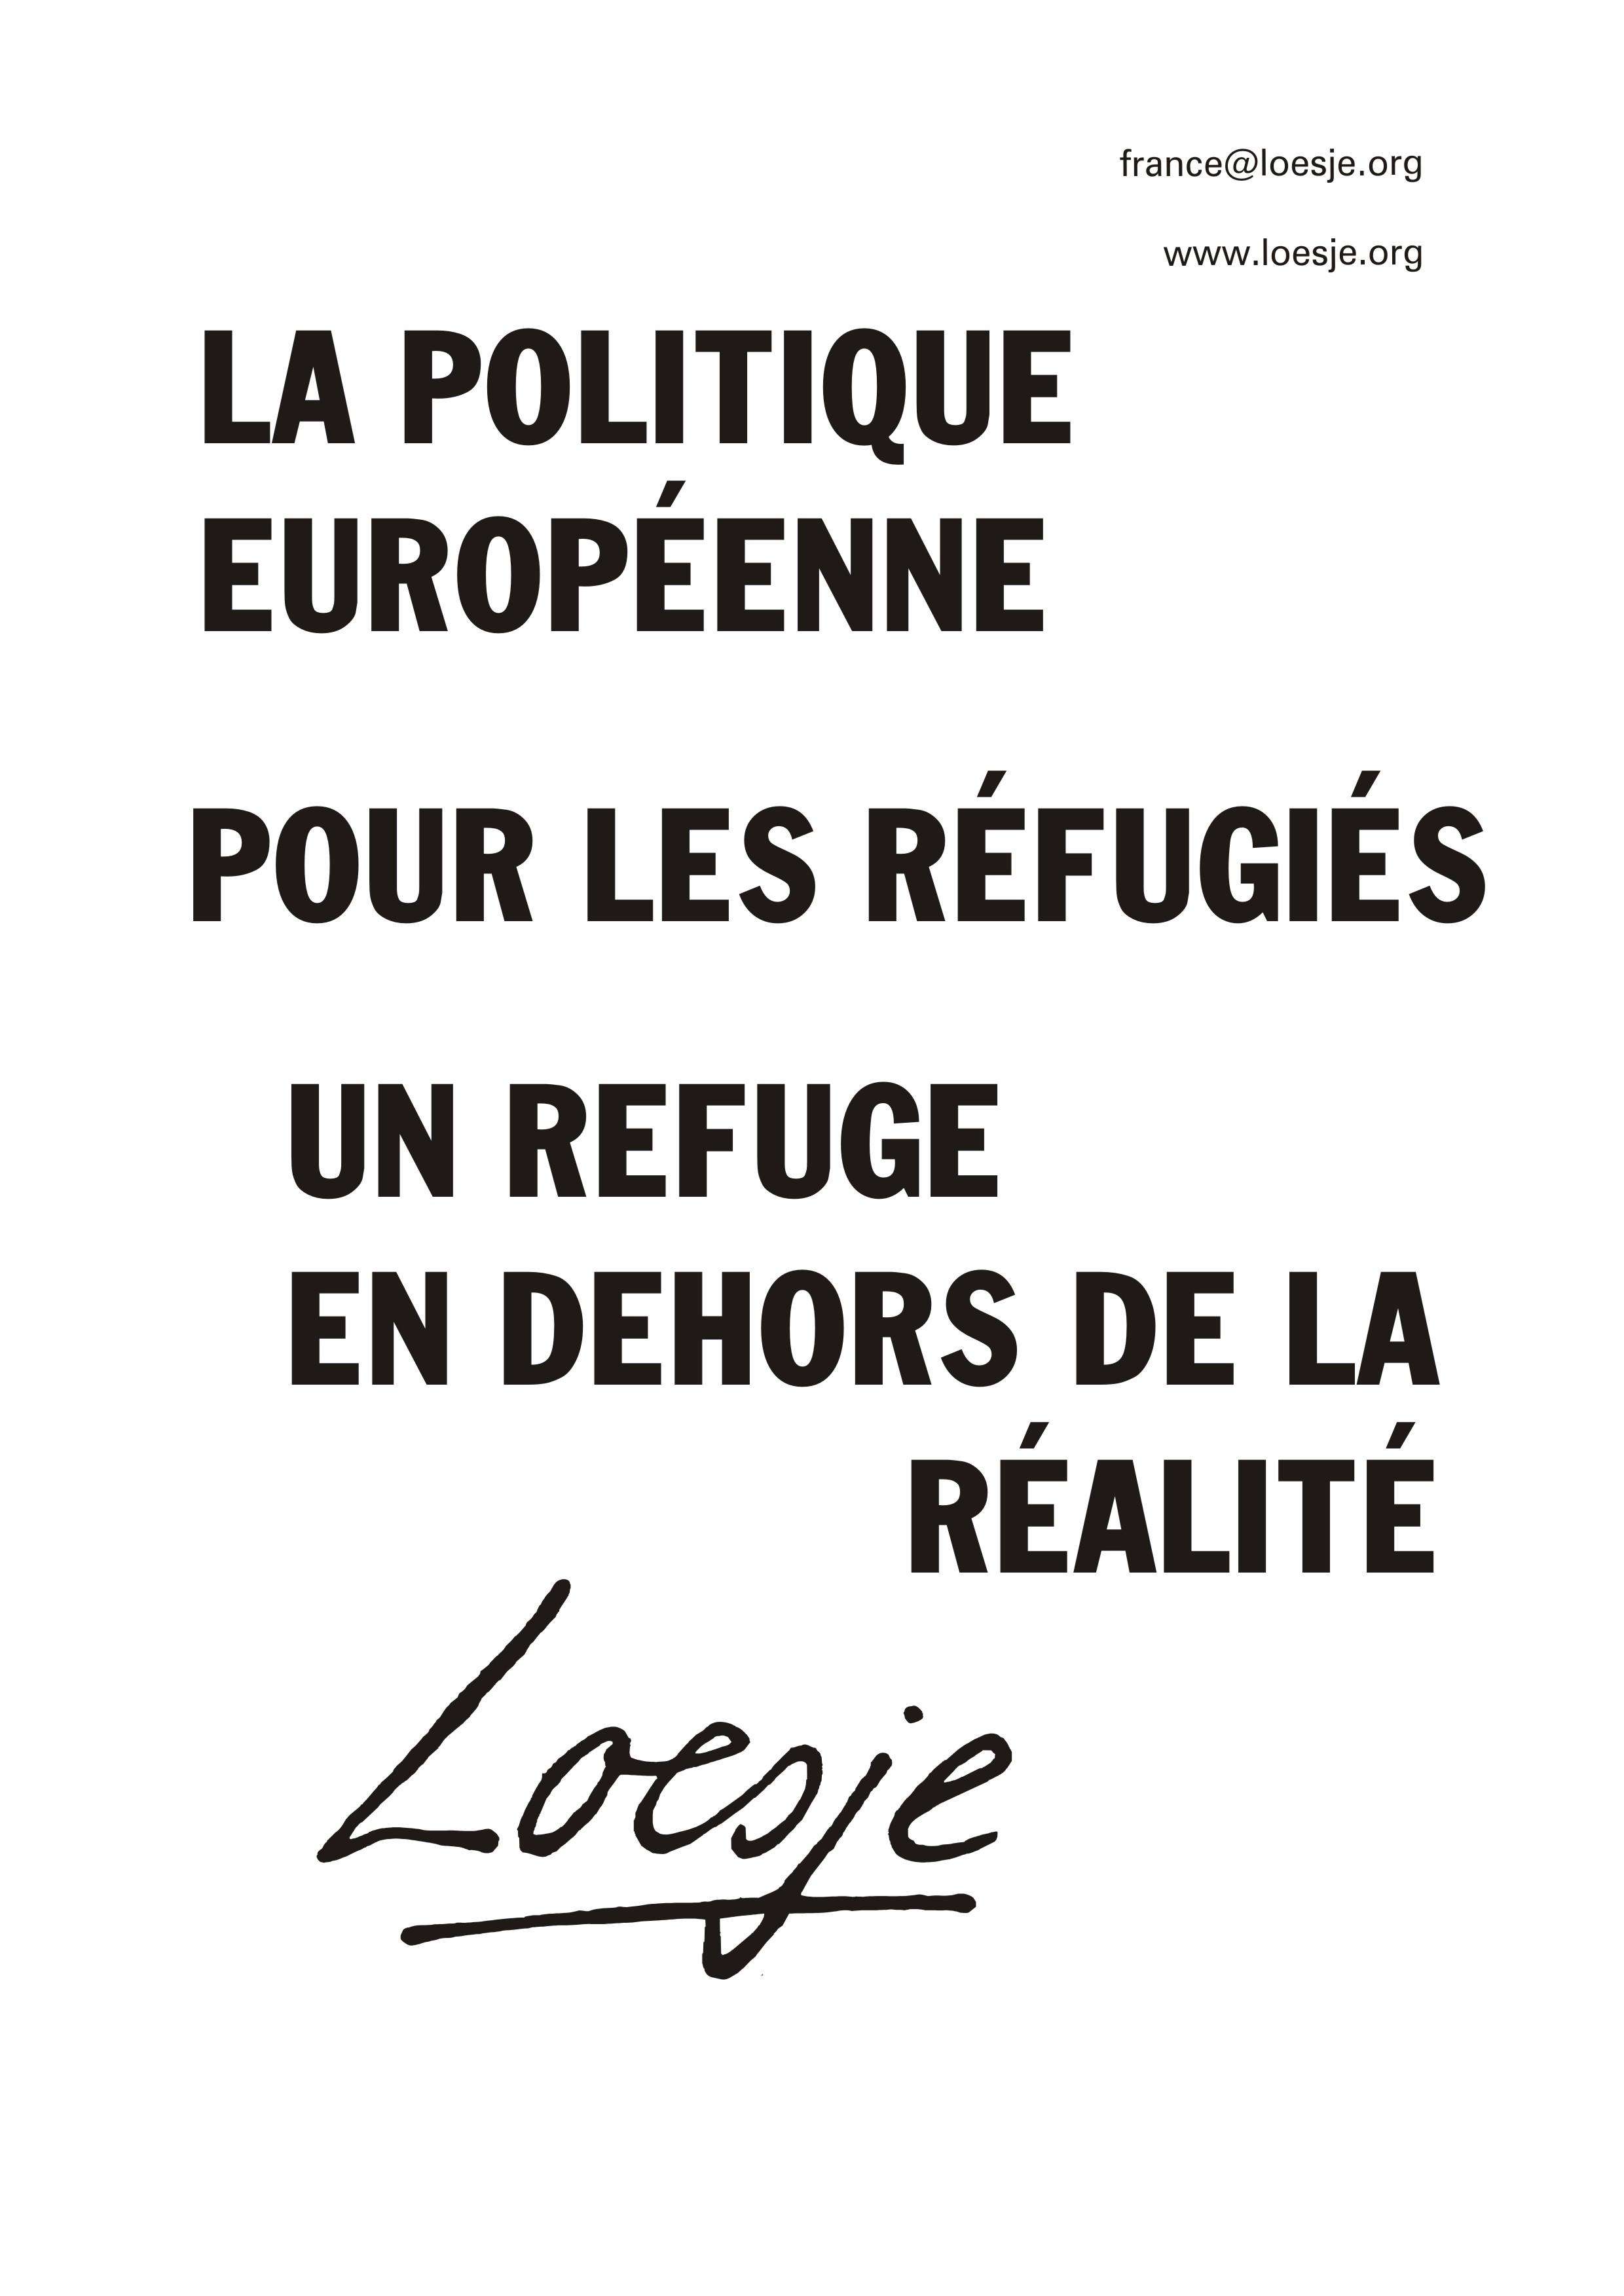 10 La politique européenne pour les réfugiés un refuge en dehors de la réalité